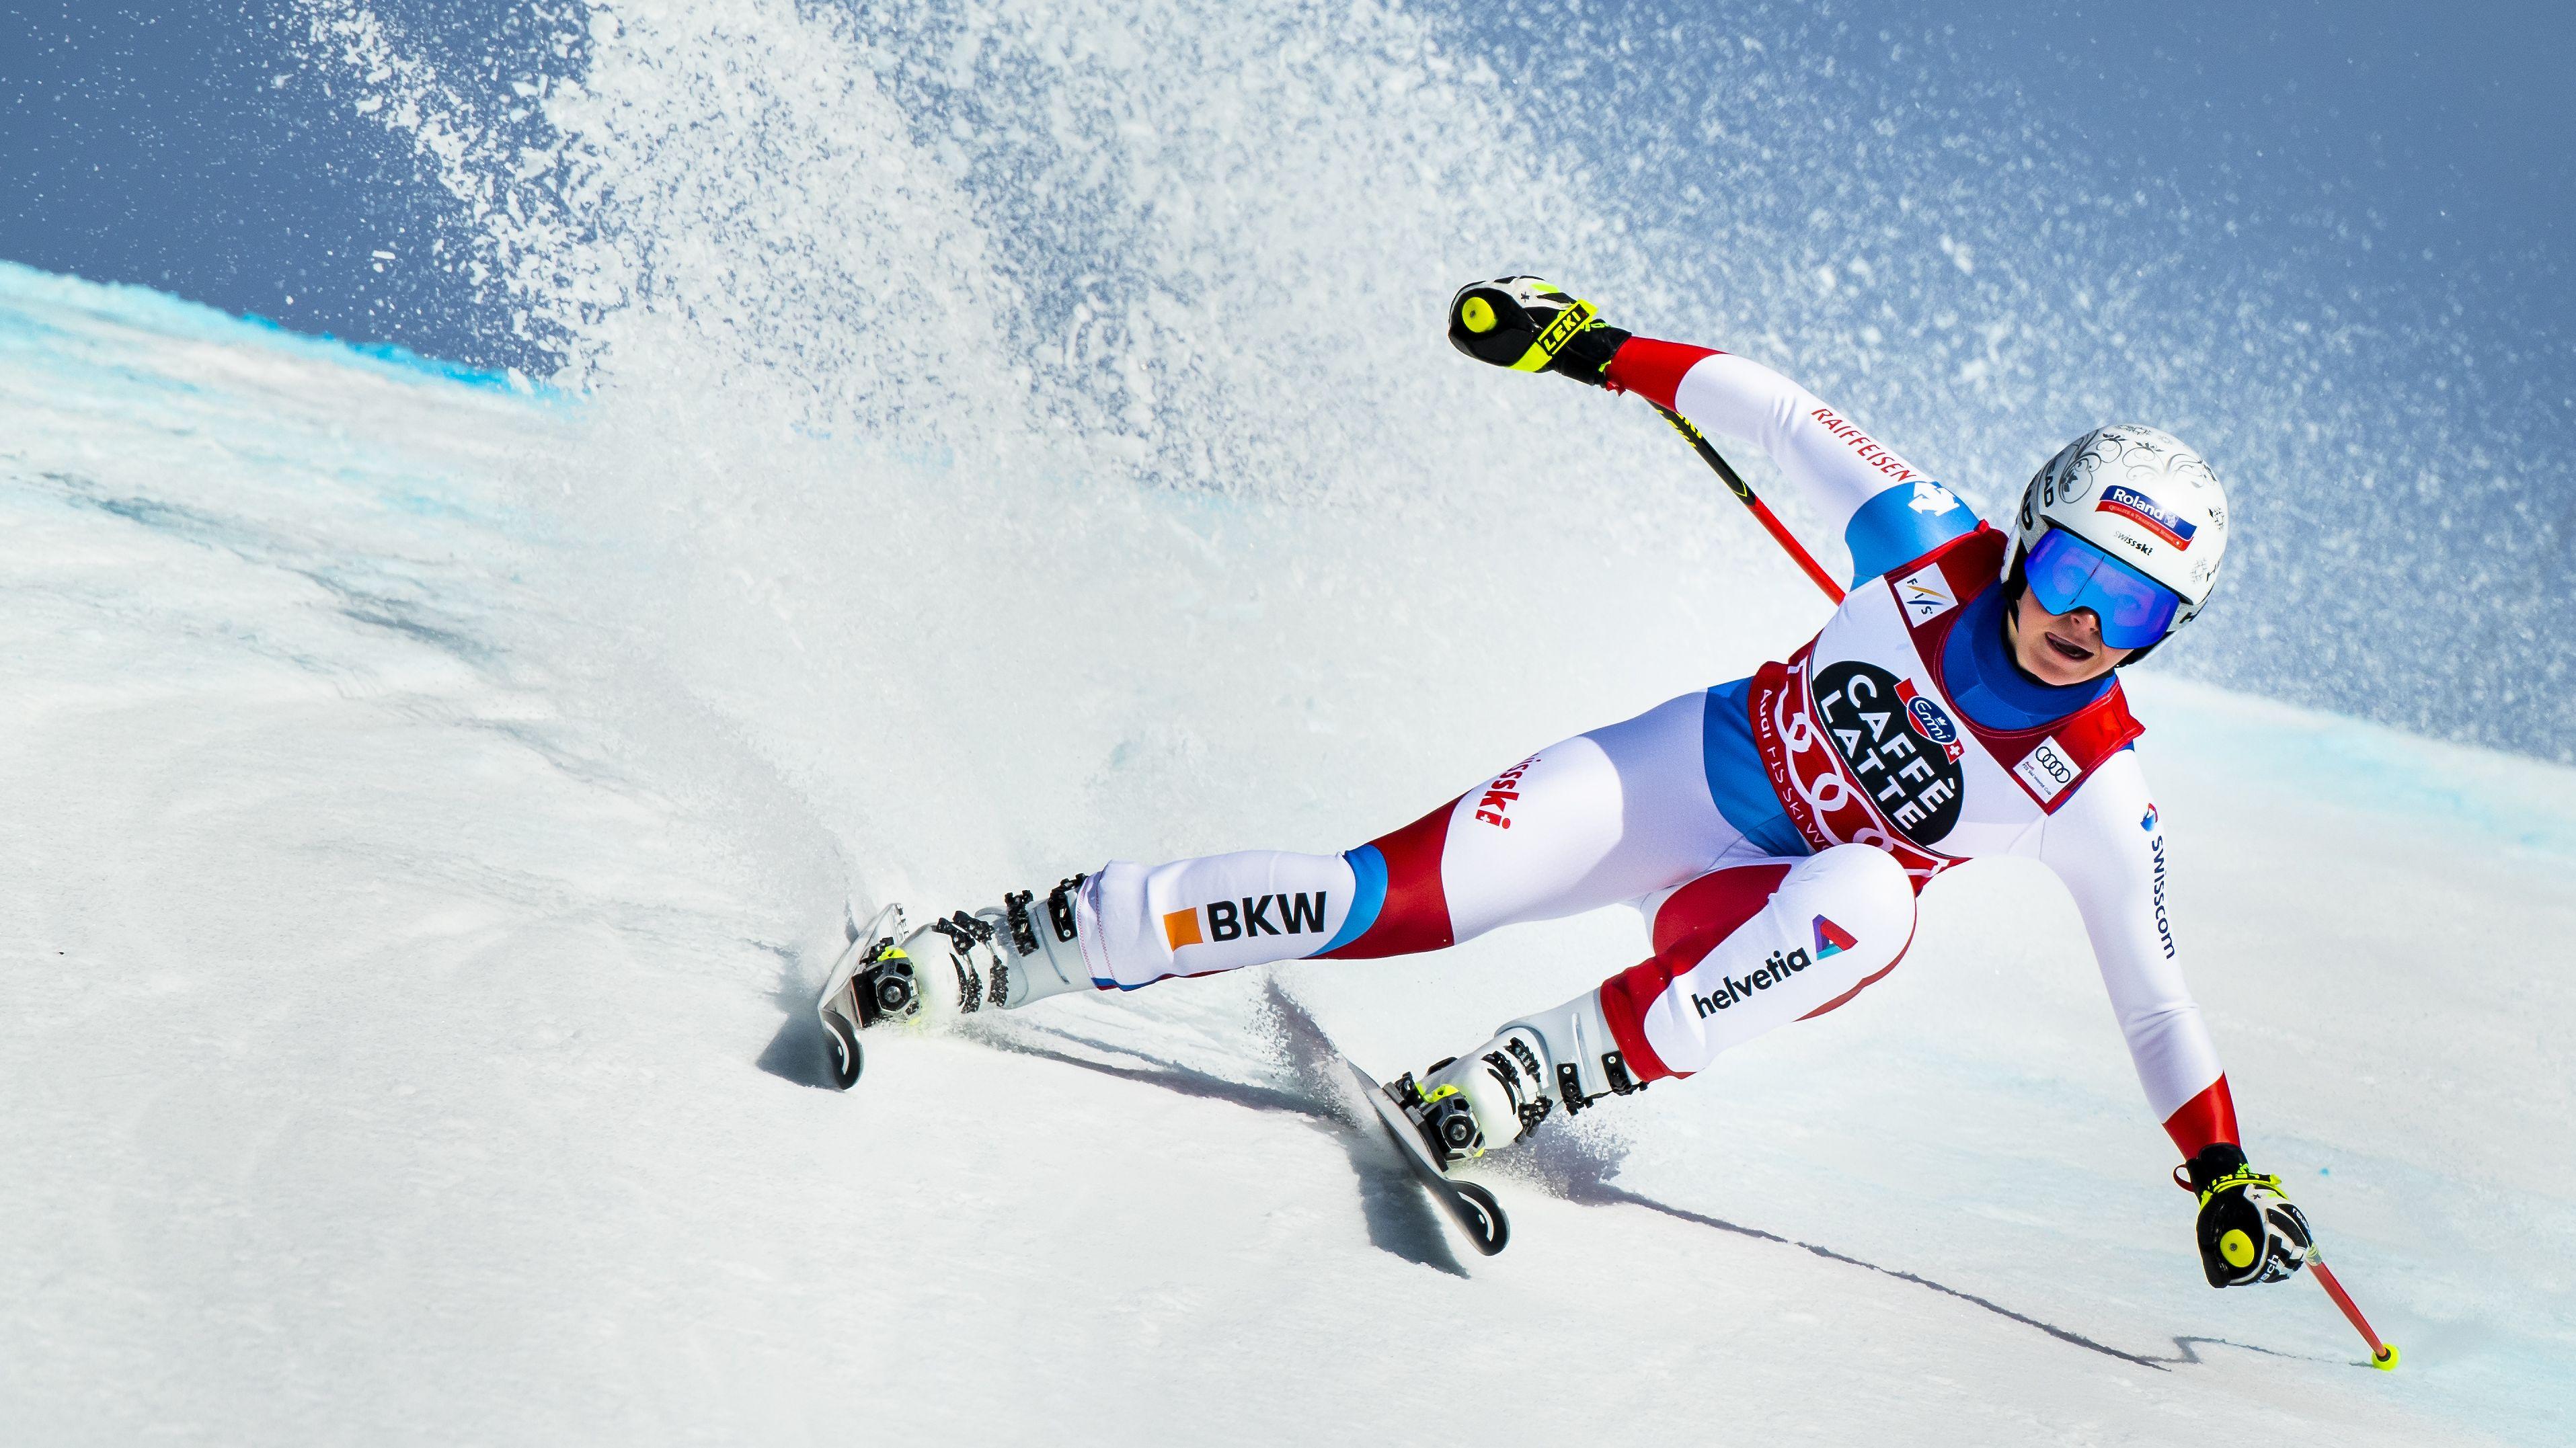 Weltcup-Gesamtsiegerin in der Abfahrt: Corinne Suter